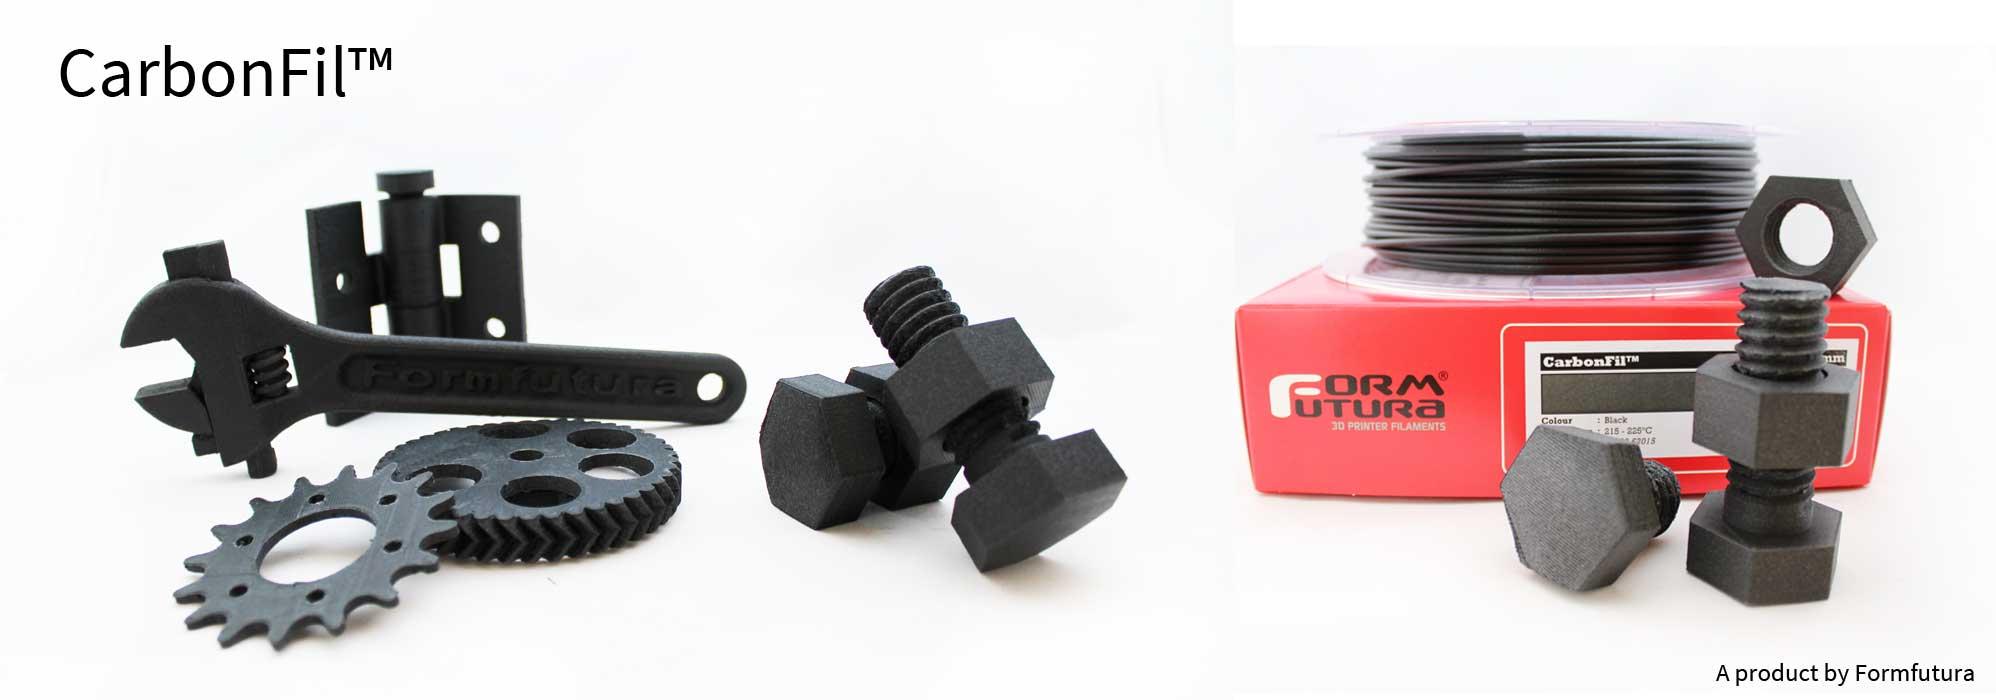 CarbonFil_filament_formfutura_3d_druck_3d_printingjpg1